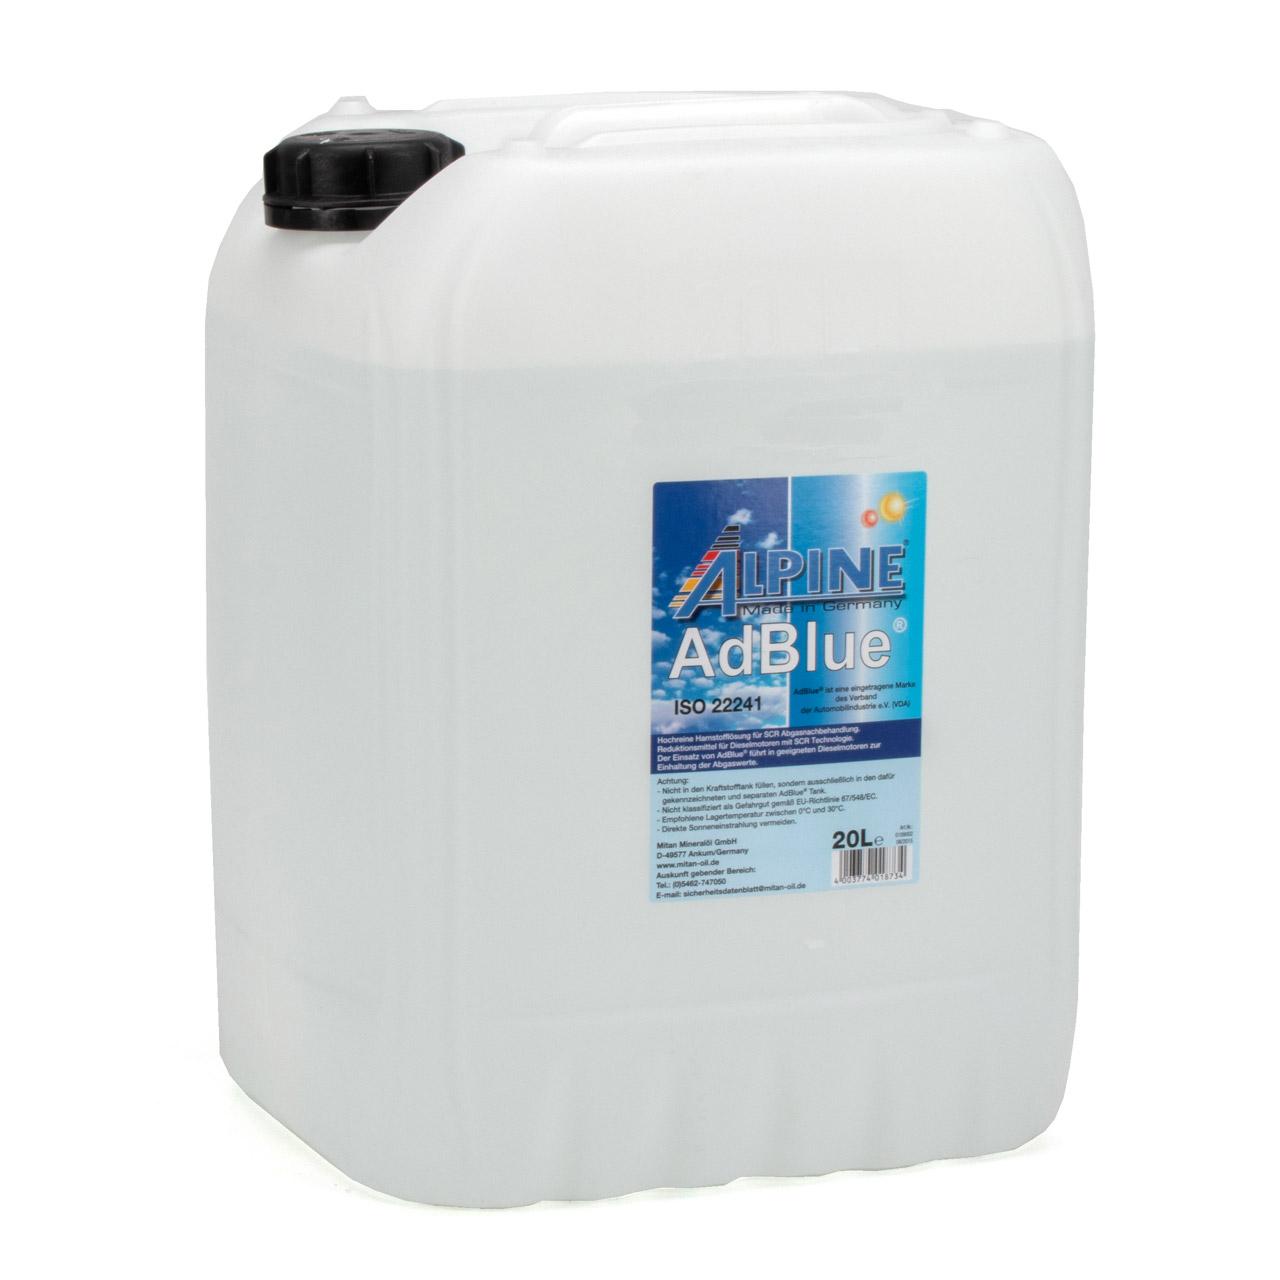 ALPINE AdBlue® NOX-Reduktionsmittel für Diesel-Motoren Harnstoff 20L 20-Liter